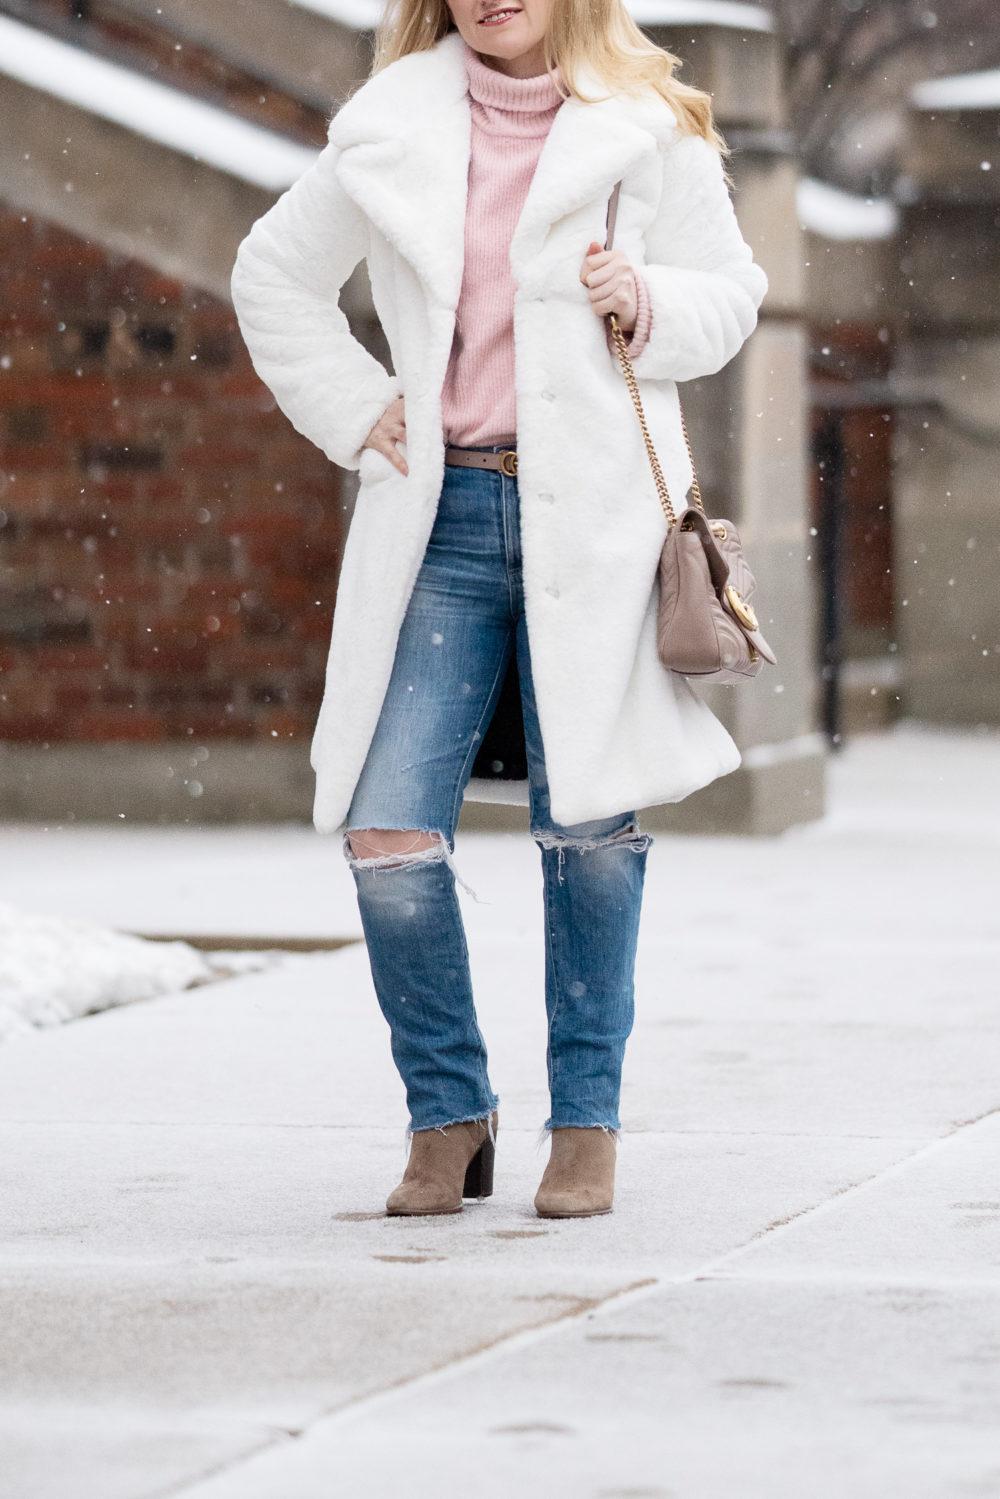 Petite Fashion Blog | White Fur Coat | Avec Les Filles Faux Fur Coat | Gucci Marmont Bag